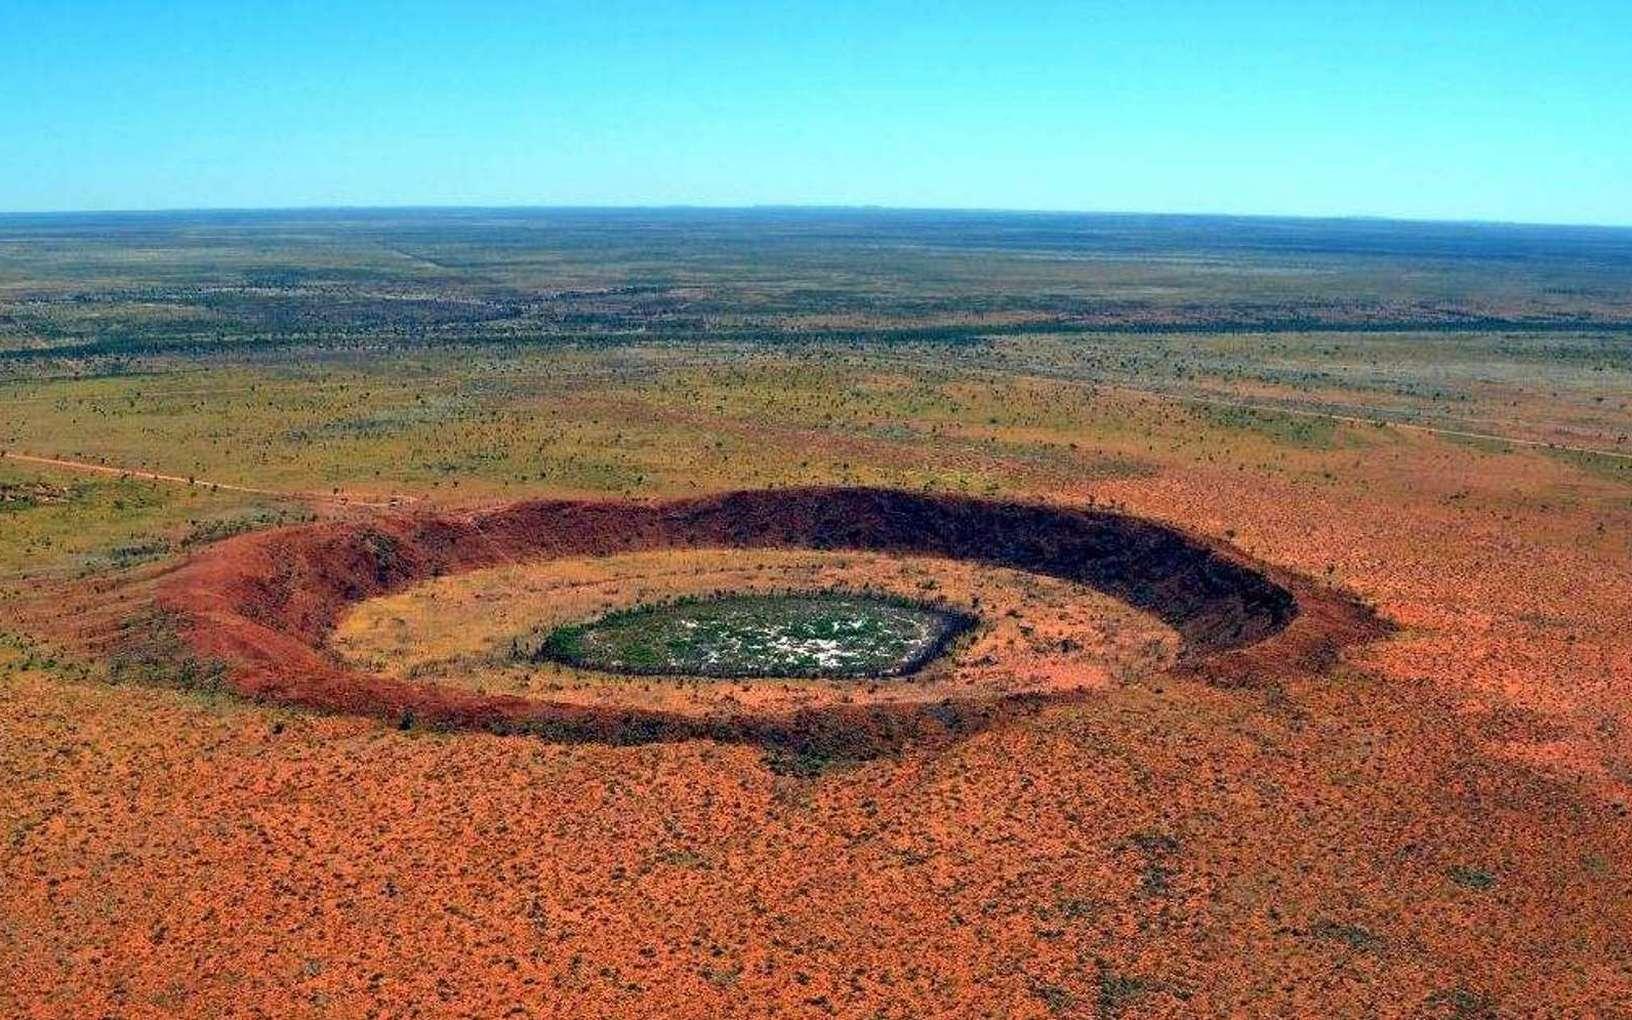 Le cratère de Wolfe Creek est un cratère météoritique situé dans l'État d'Australie-Occidentale. Il mesure 875 mètres de diamètre et 60 mètres de profondeur. L'impact serait survenu il y a moins de 300.000 ans au Pléistocène et c'est pourquoi il est facilement identifiable. Ce n'est pas le cas du double cratère d'impact supputé dans le bassin Warburton, en Australie-Méridionale, qui est quant à lui bien plus ancien. © Australia's North West